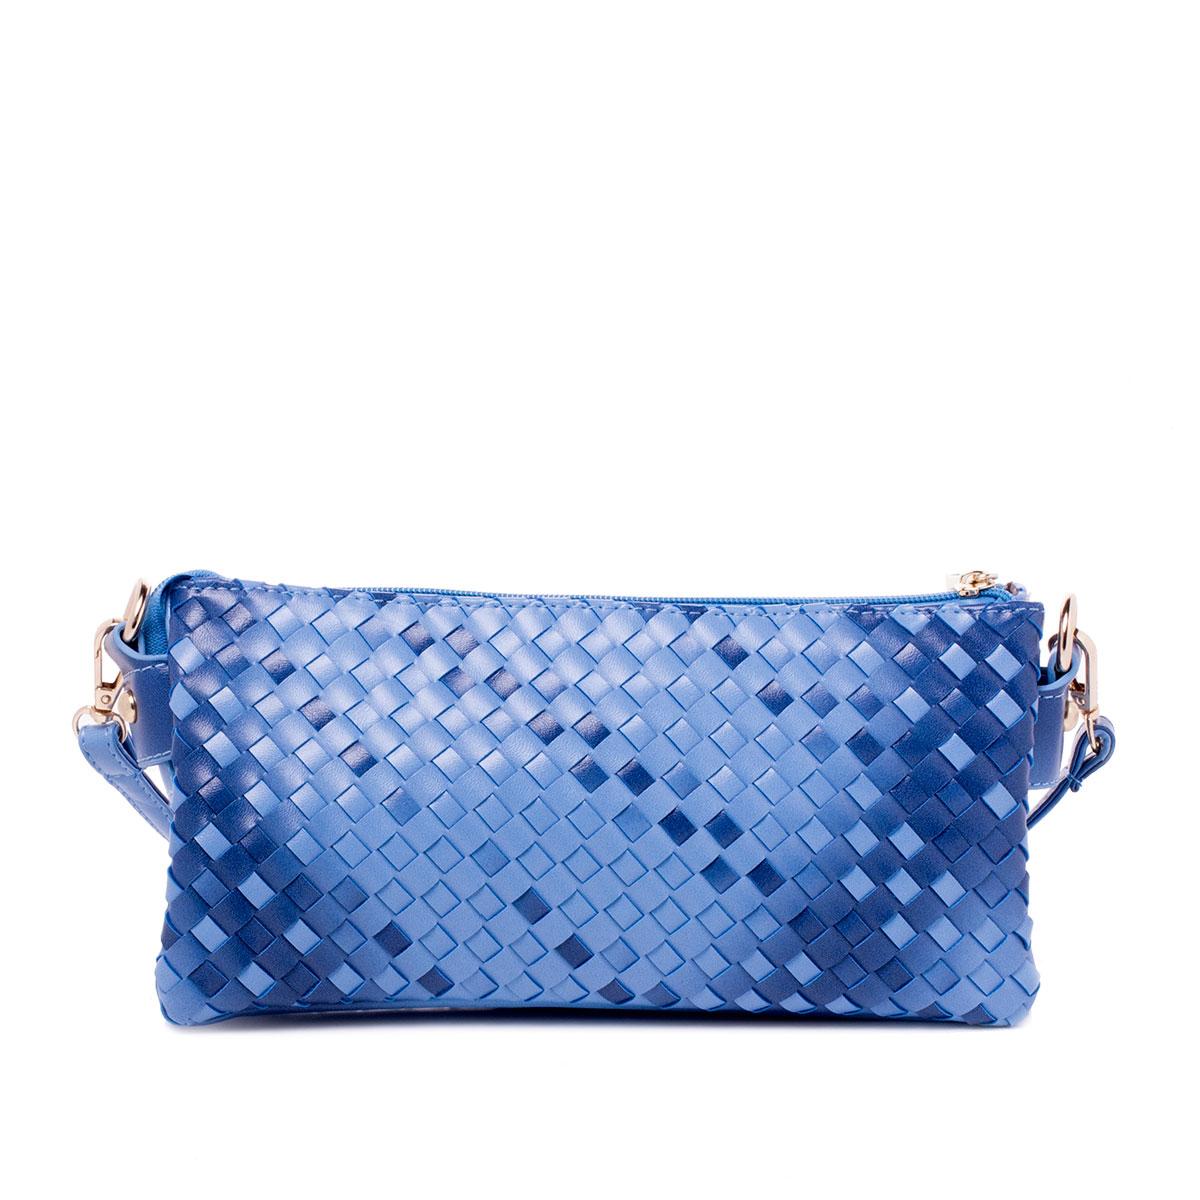 Сумка женская Renee Kler, цвет: голубой. RK431-16RK431-16Сумка жен., иск. кожа